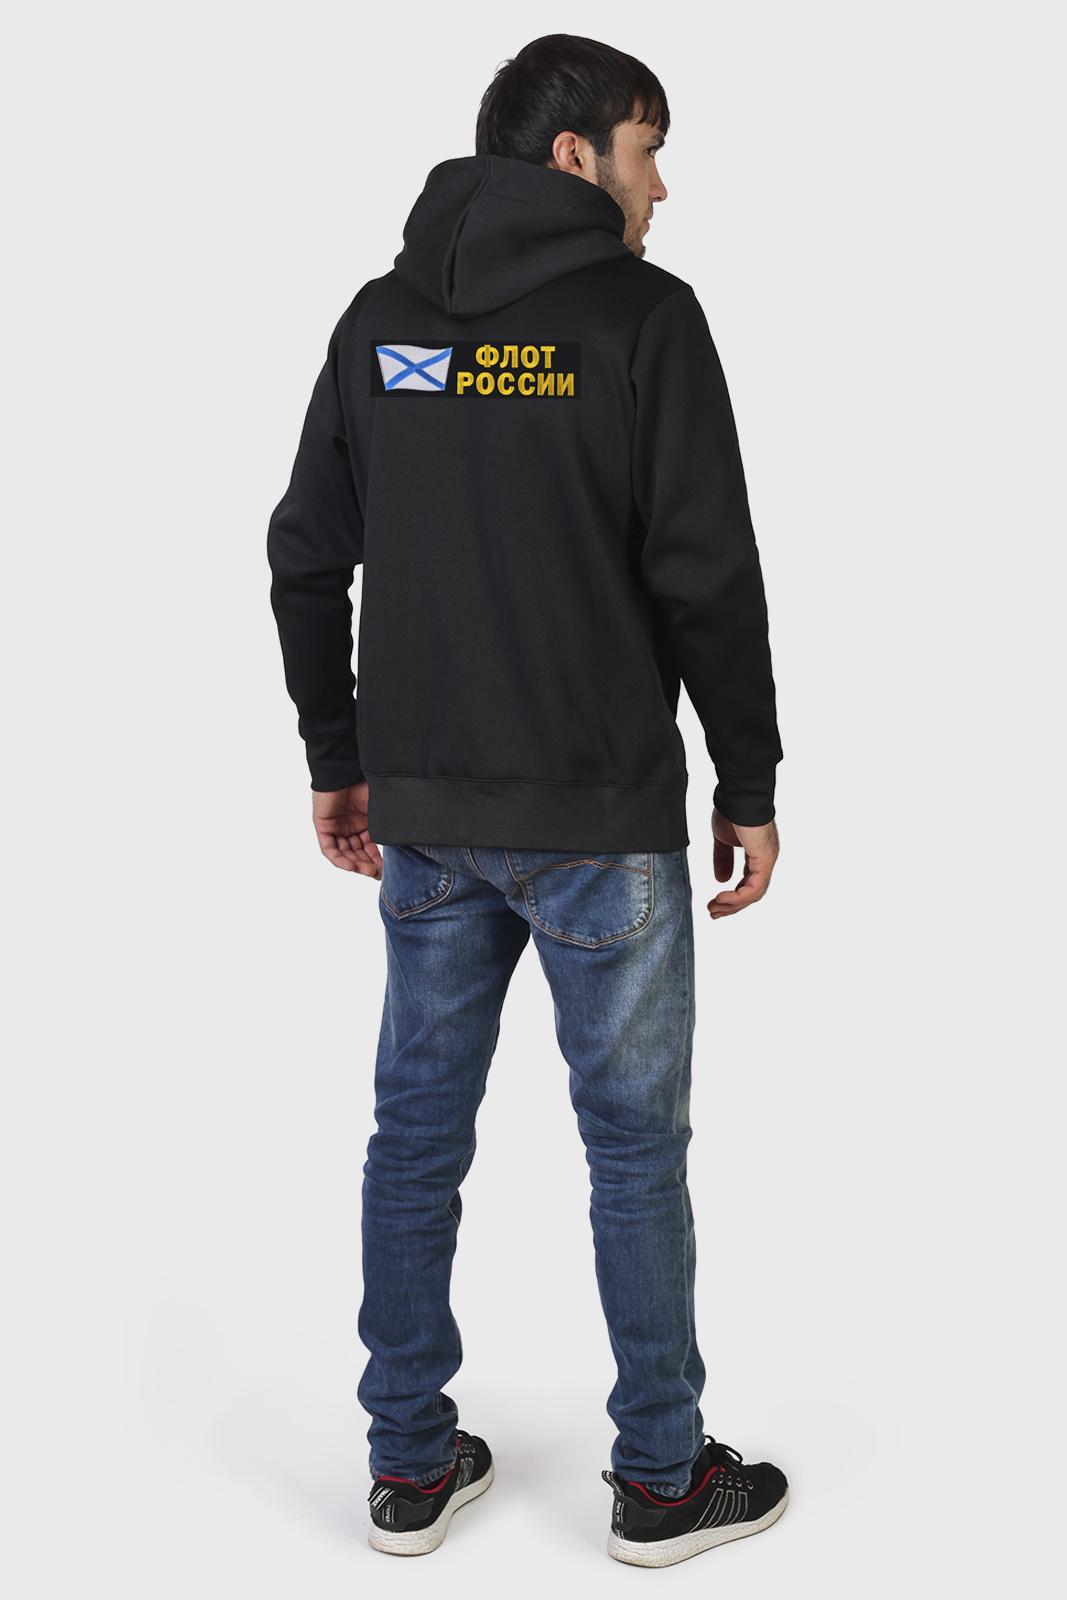 Мужская черная толстовка с большой нашивкой 18 дивизия ТРПК СН - купить в подарок